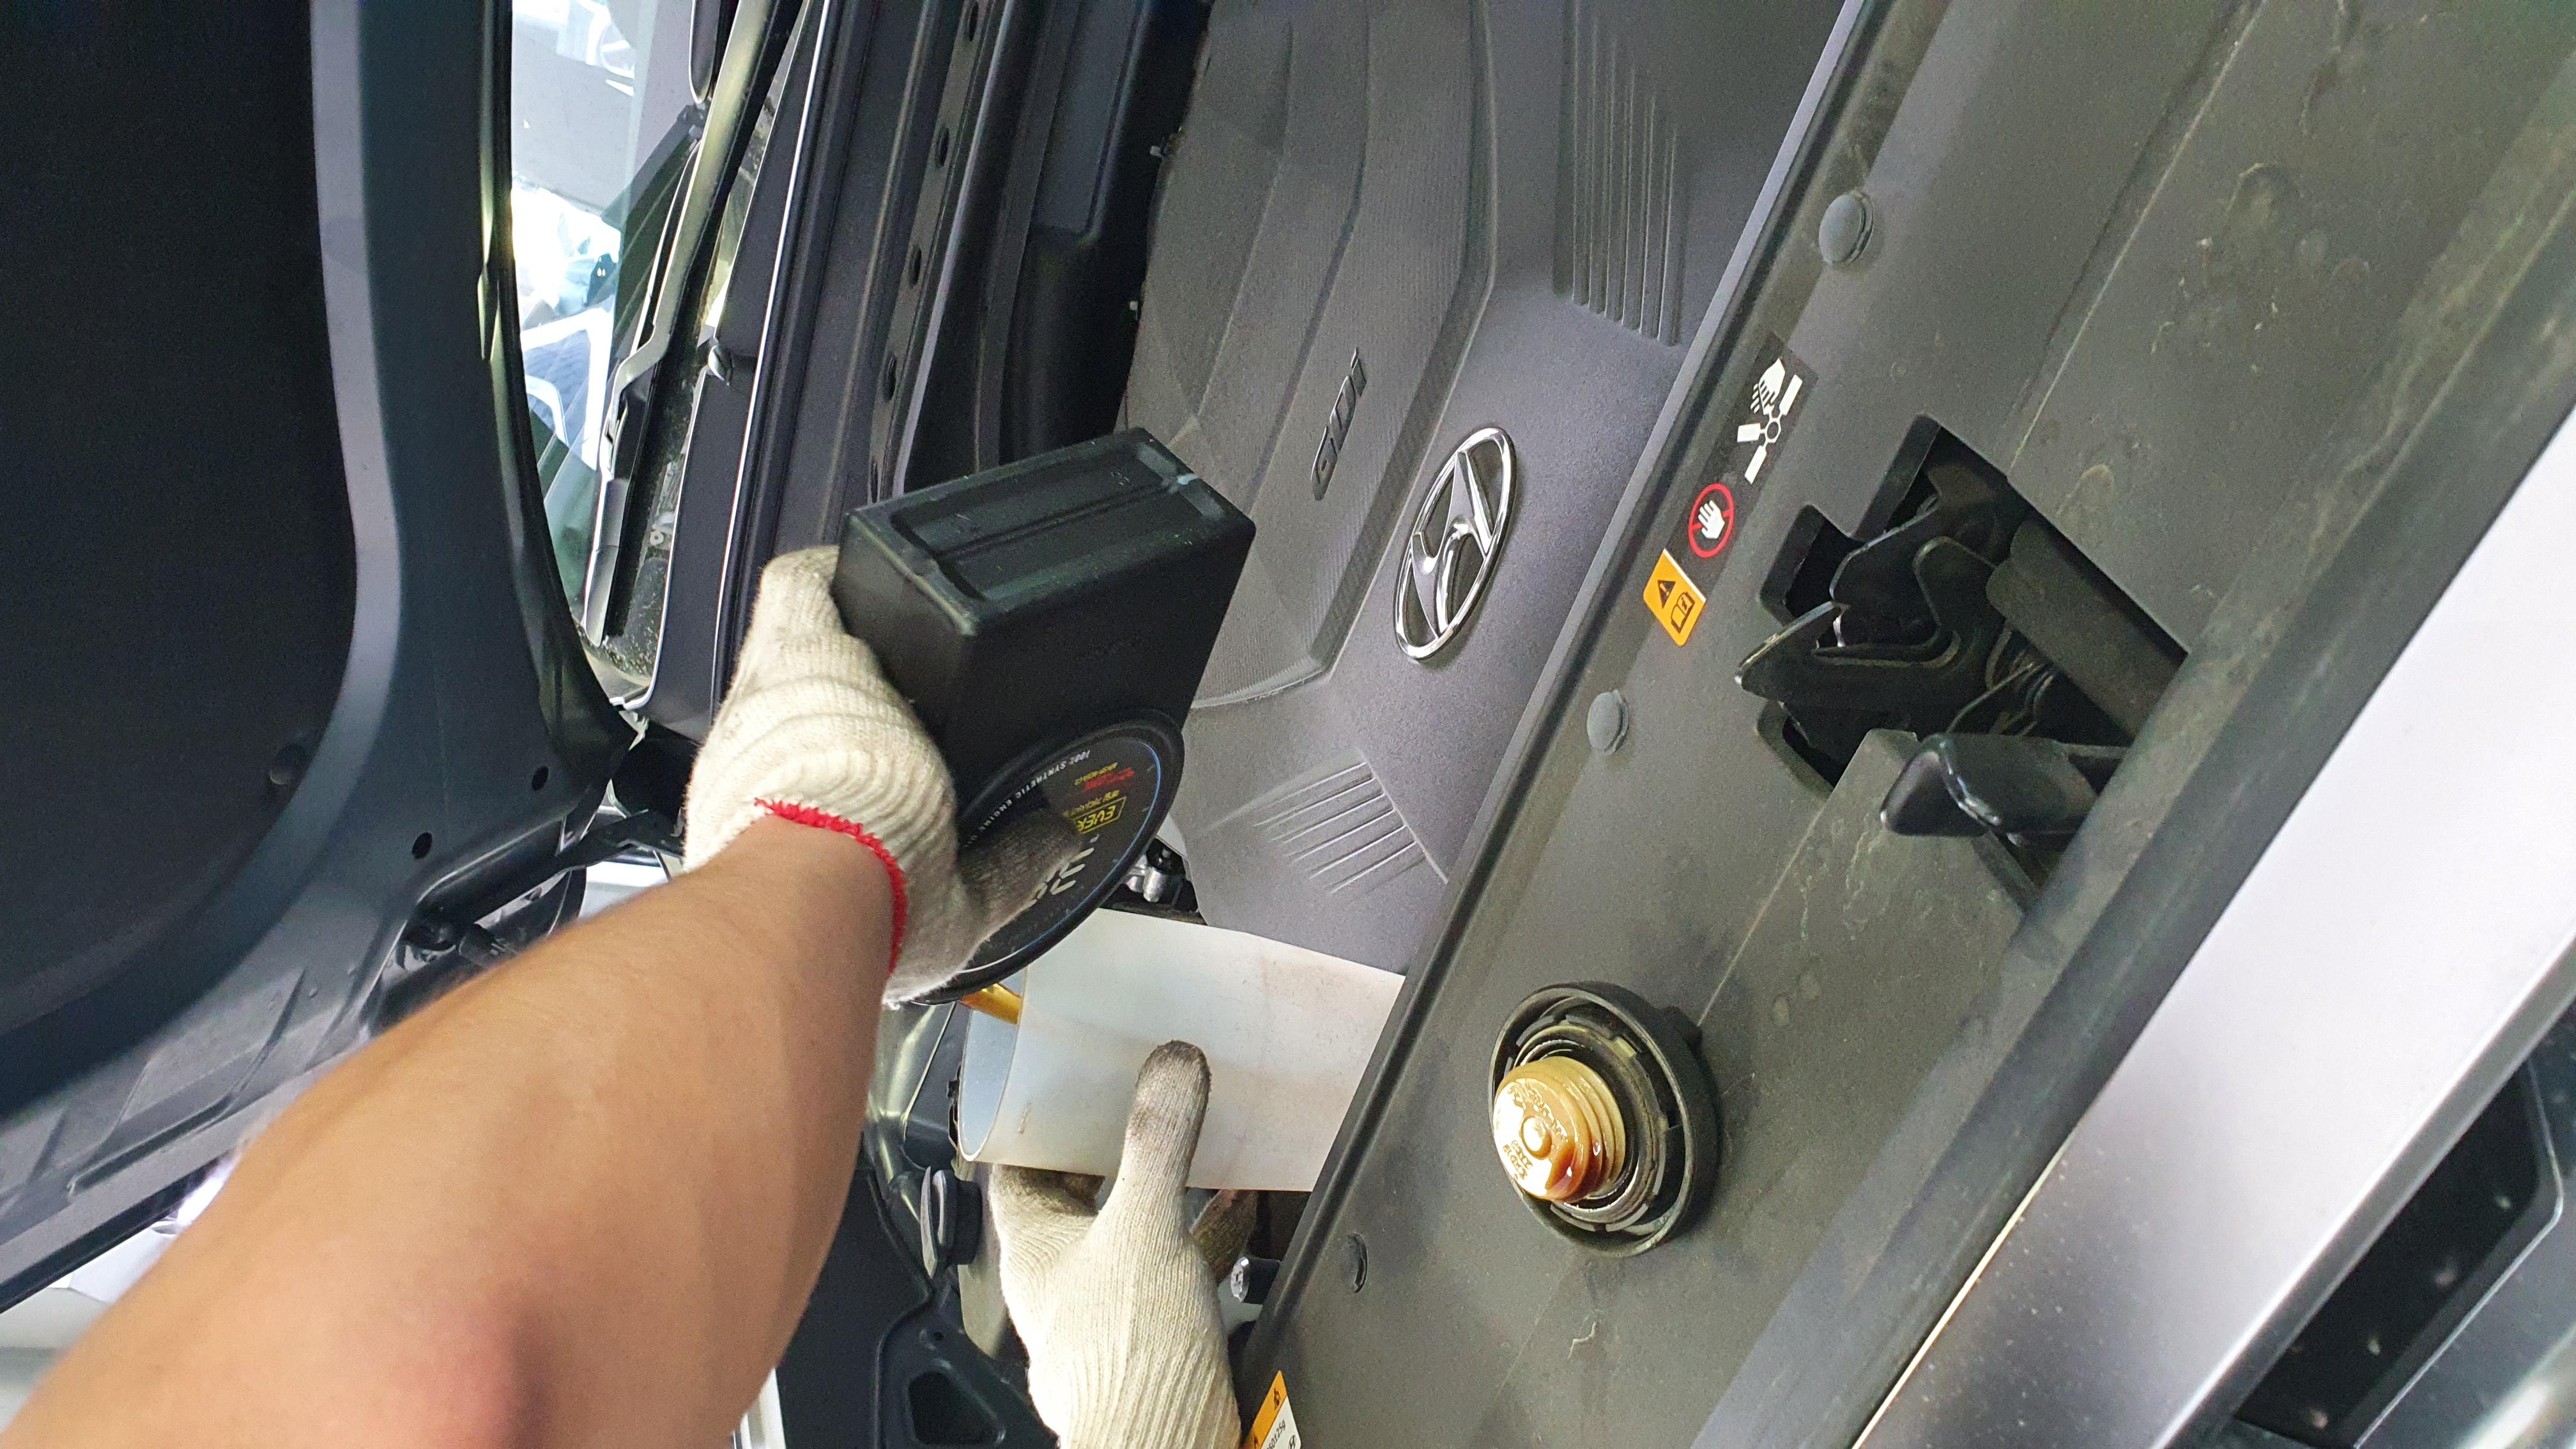 [체함단] 엔진오일 에브리데이